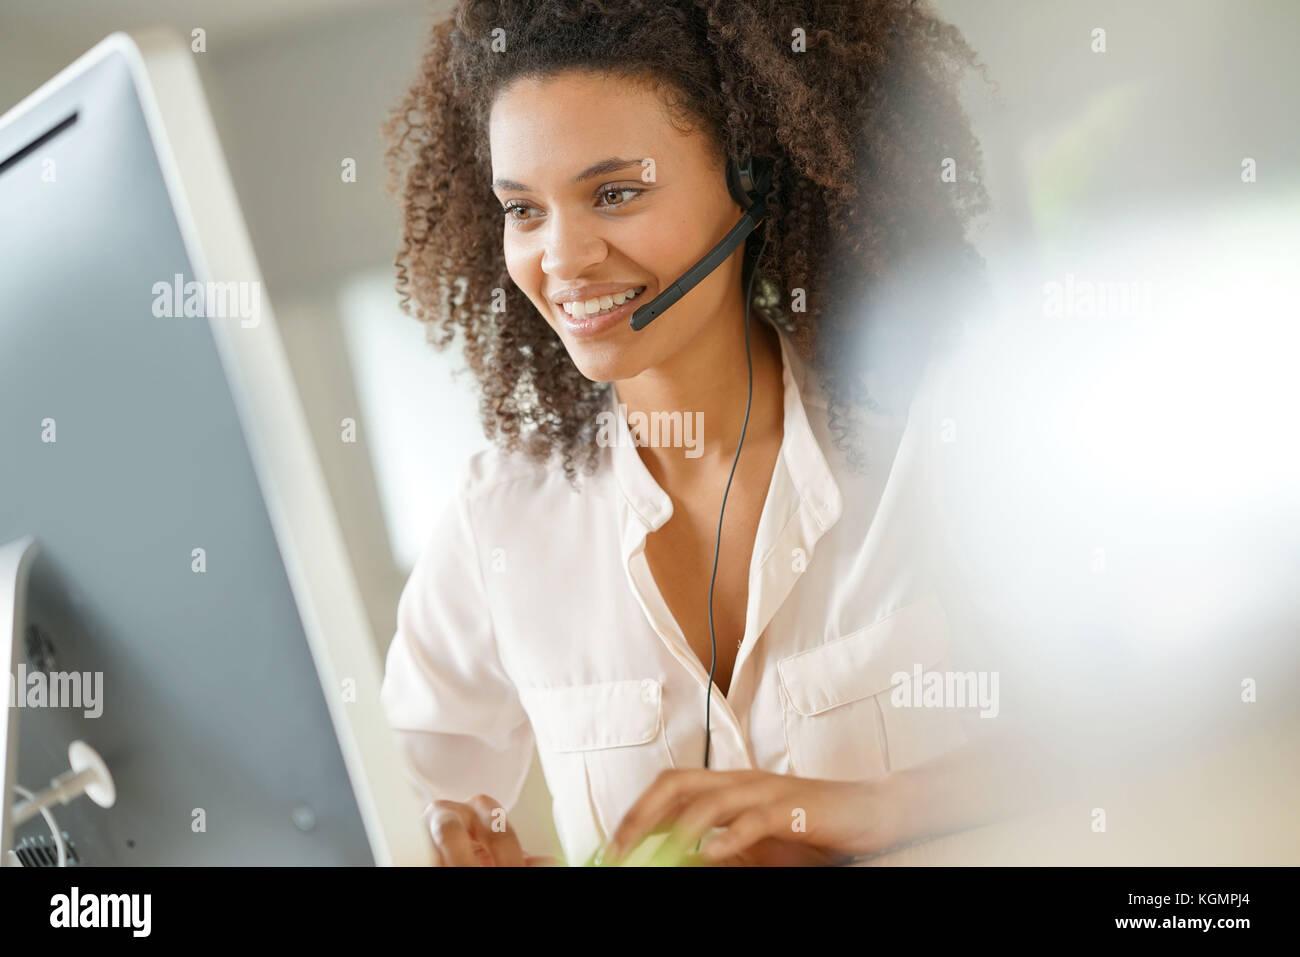 Portrait de l'assistant du service à la clientèle parlant au téléphone Photo Stock